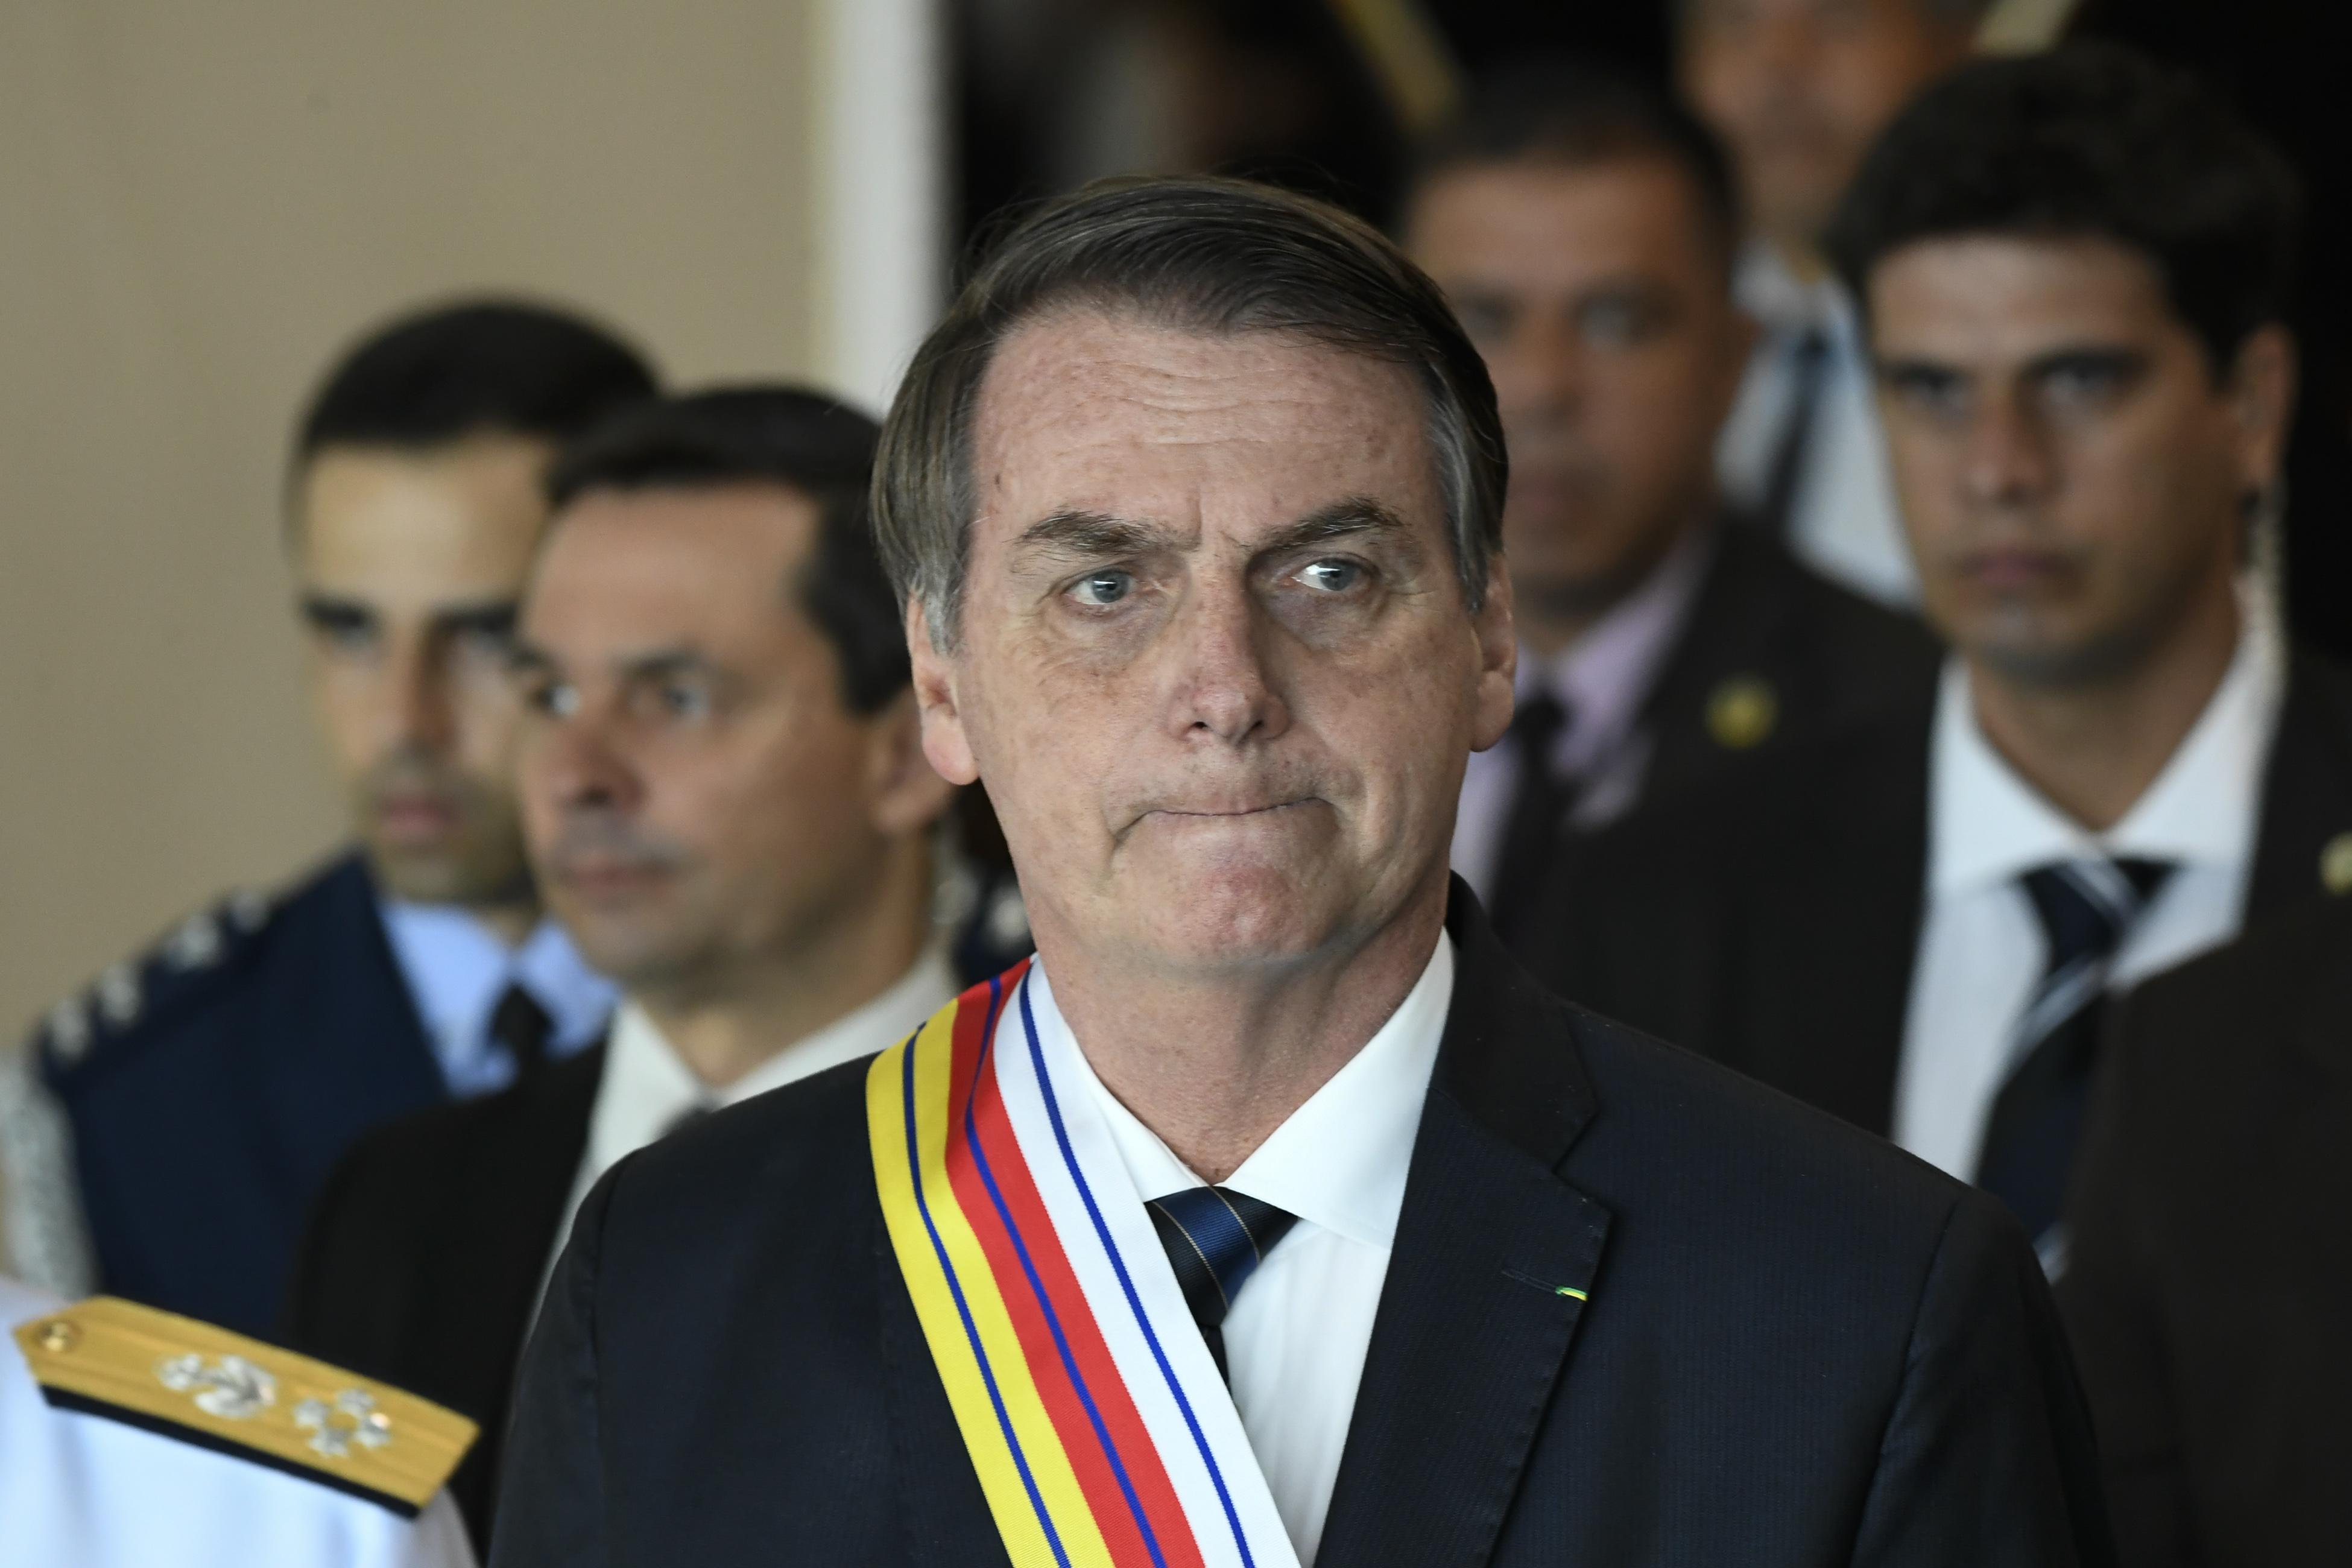 Bolsonaro visszavonta a fegyvertertási szabályok lazításáról szóló rendeletét